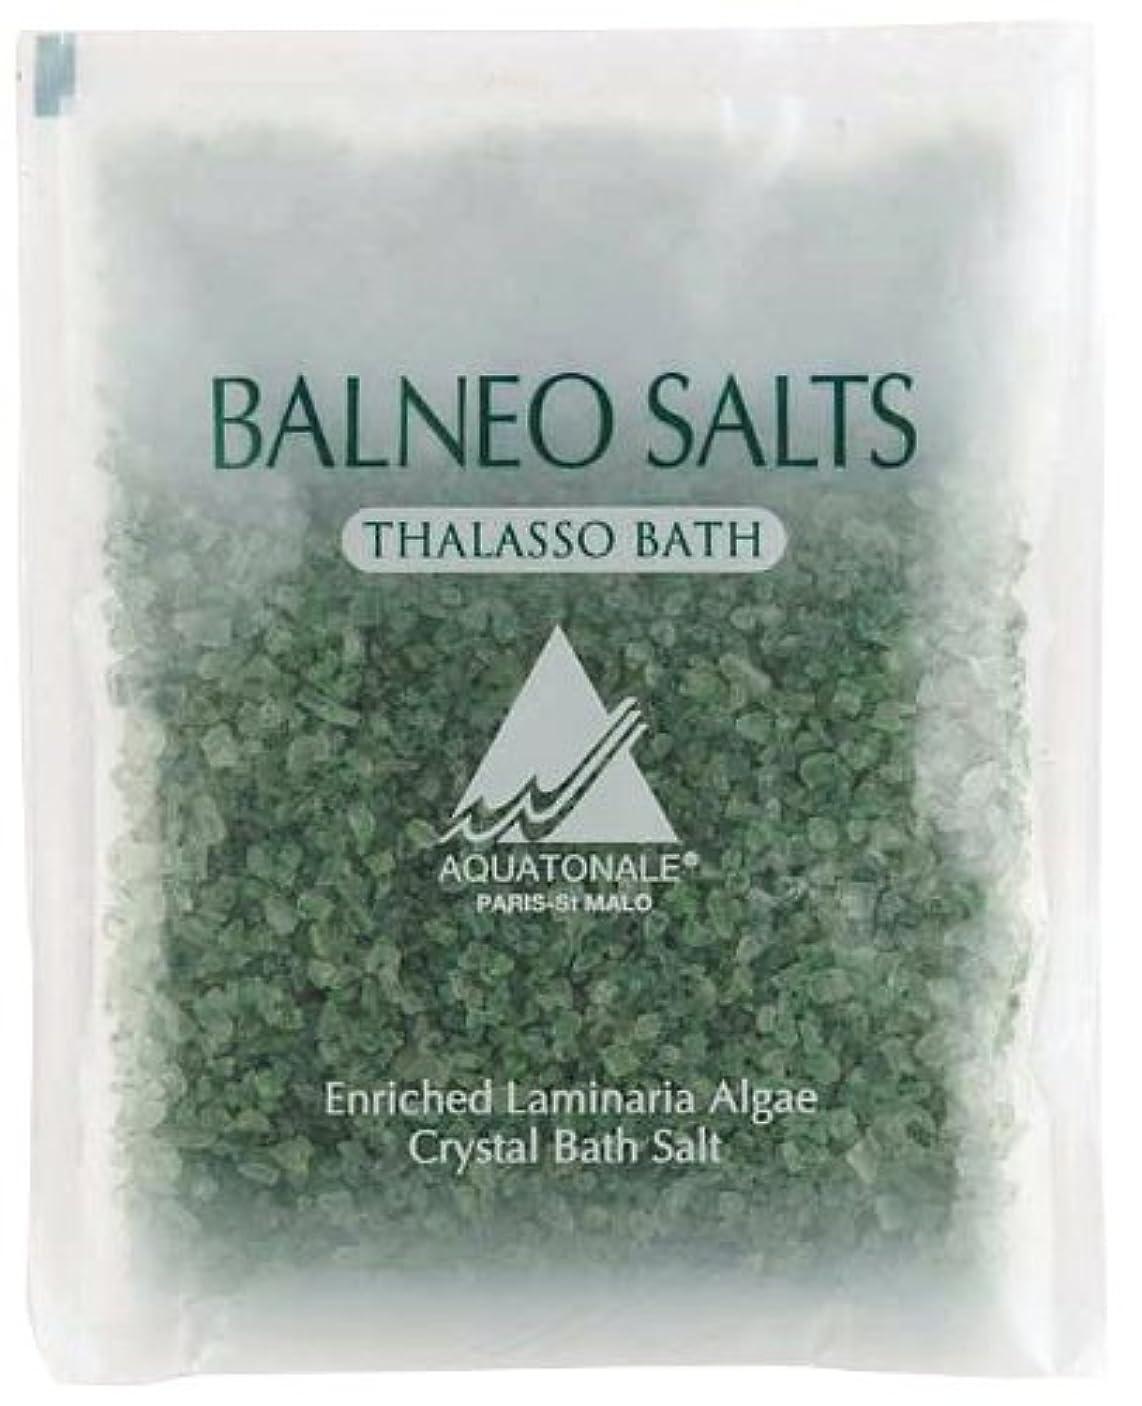 自明レッスン思いやり紀陽除虫菊 入浴剤 アクアトナル バルネオソルト